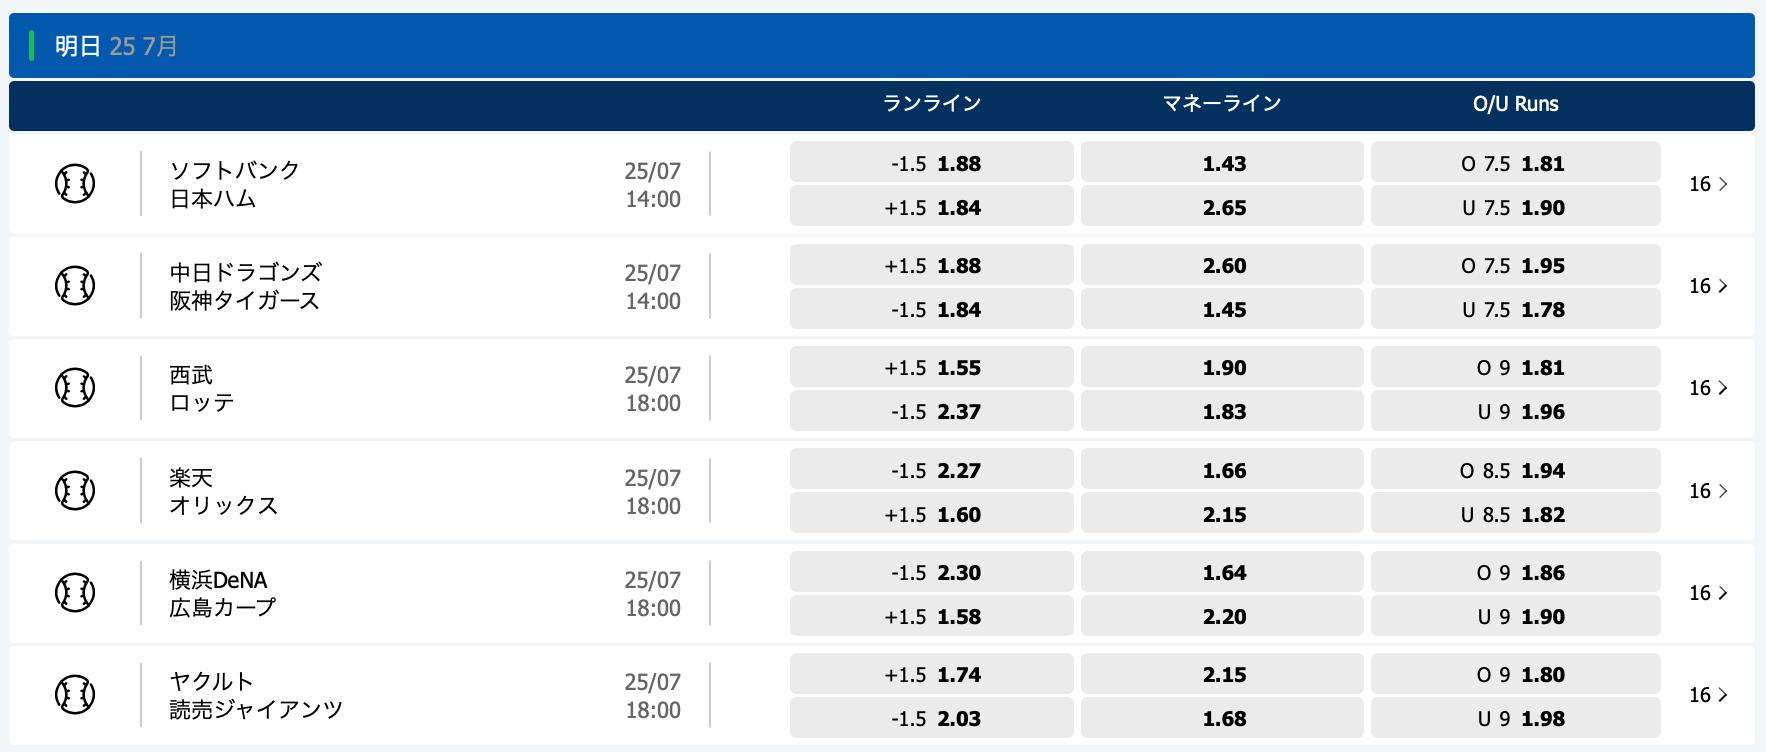 2020.7.25 プロ野球オッズ・10bet Japan